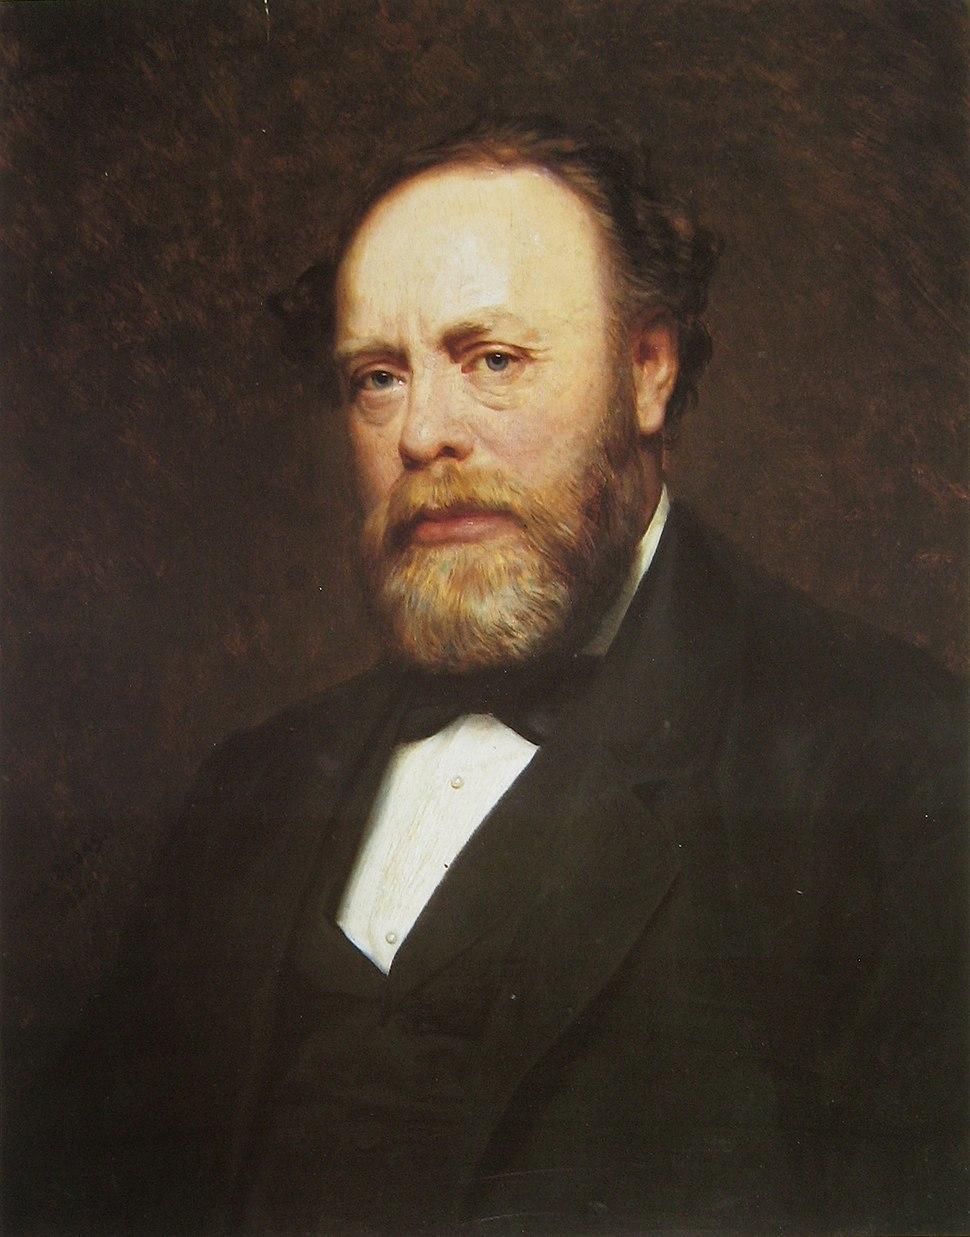 Leopold Ullstein by Oscar Begas, 1882